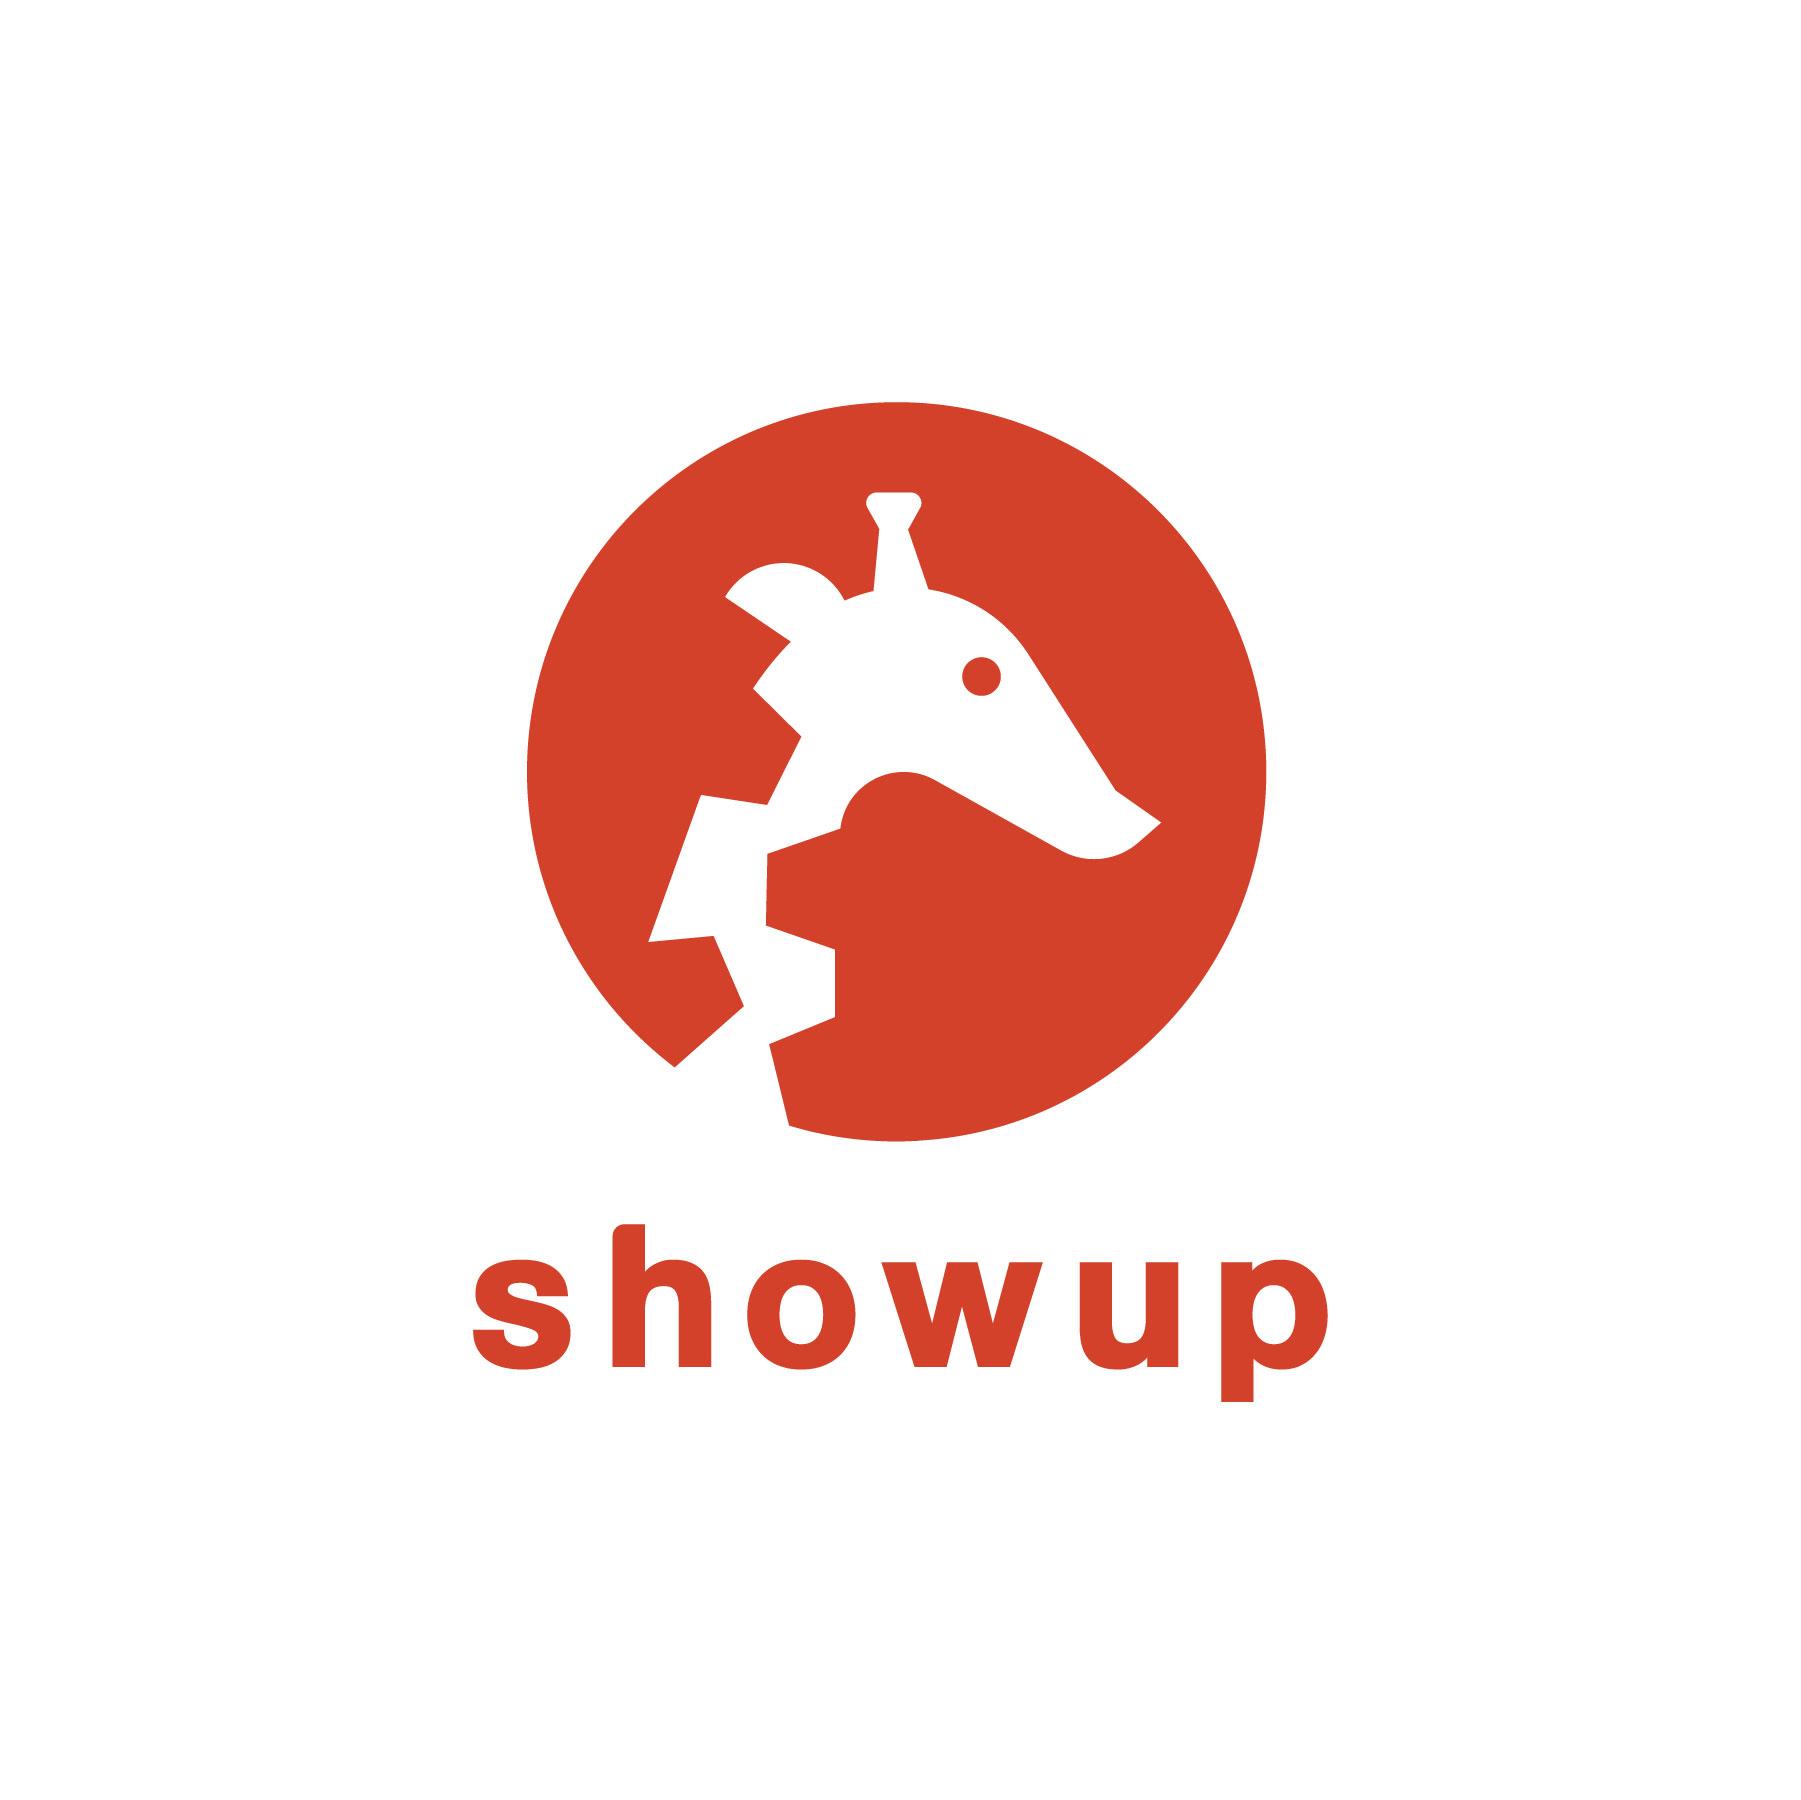 logo_showup.jpg